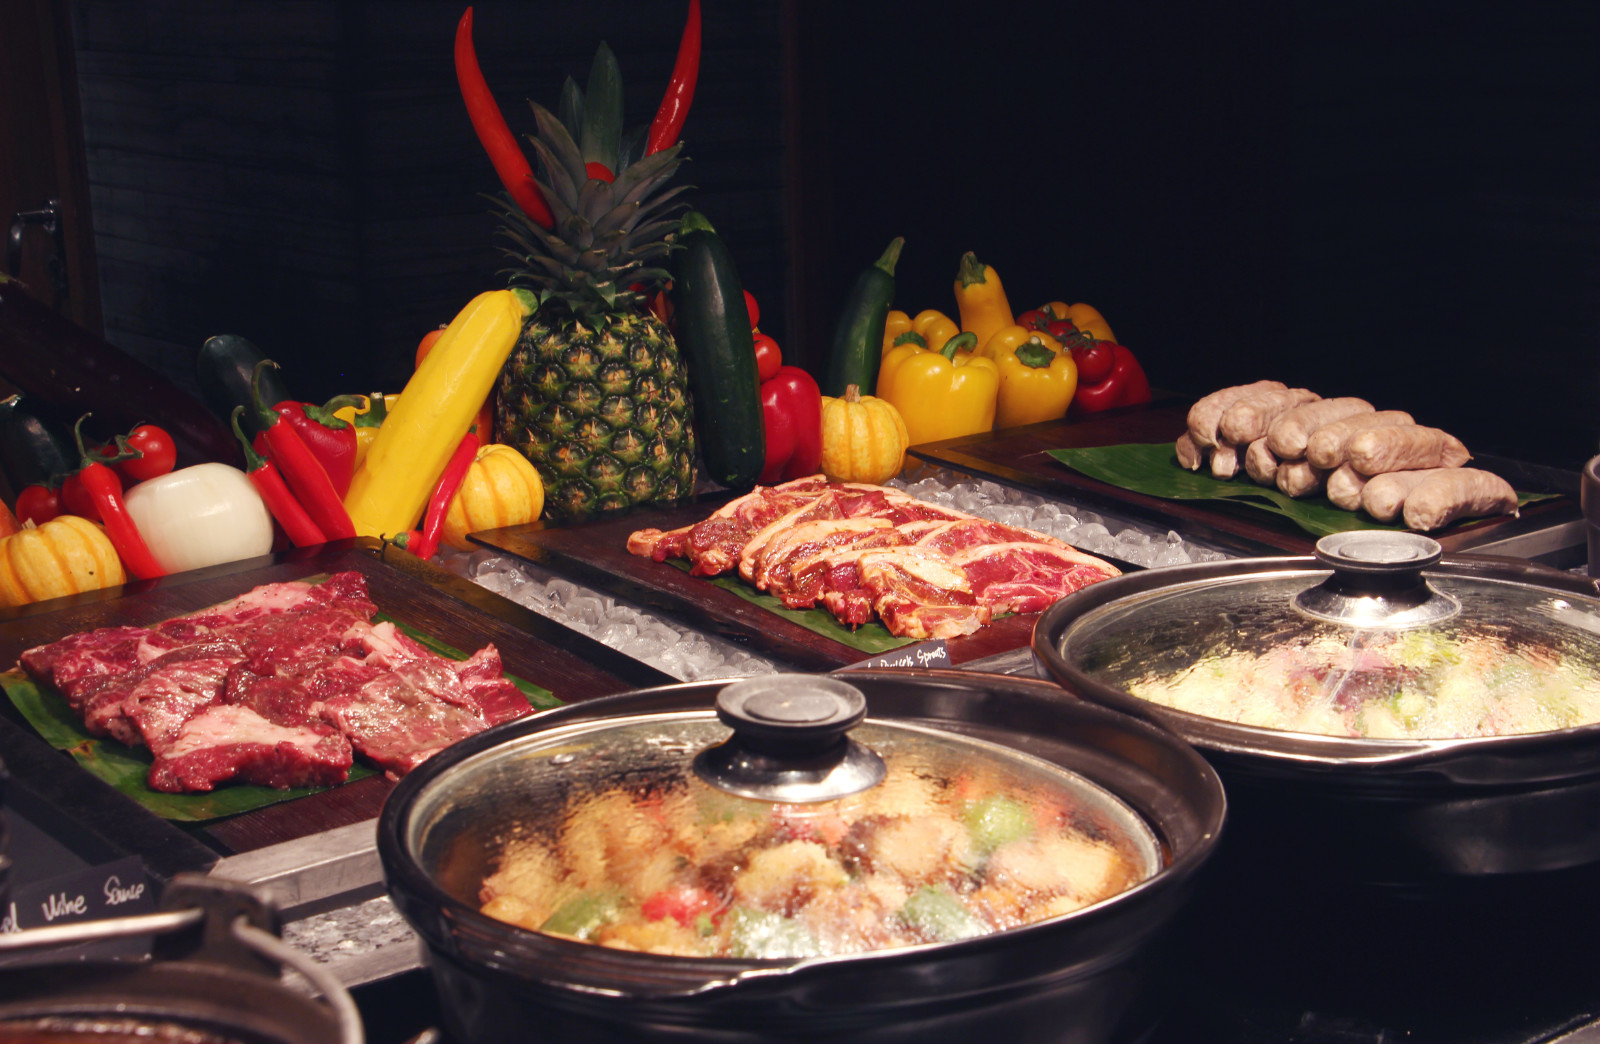 上海 | 冬日限定羊蝎子火锅